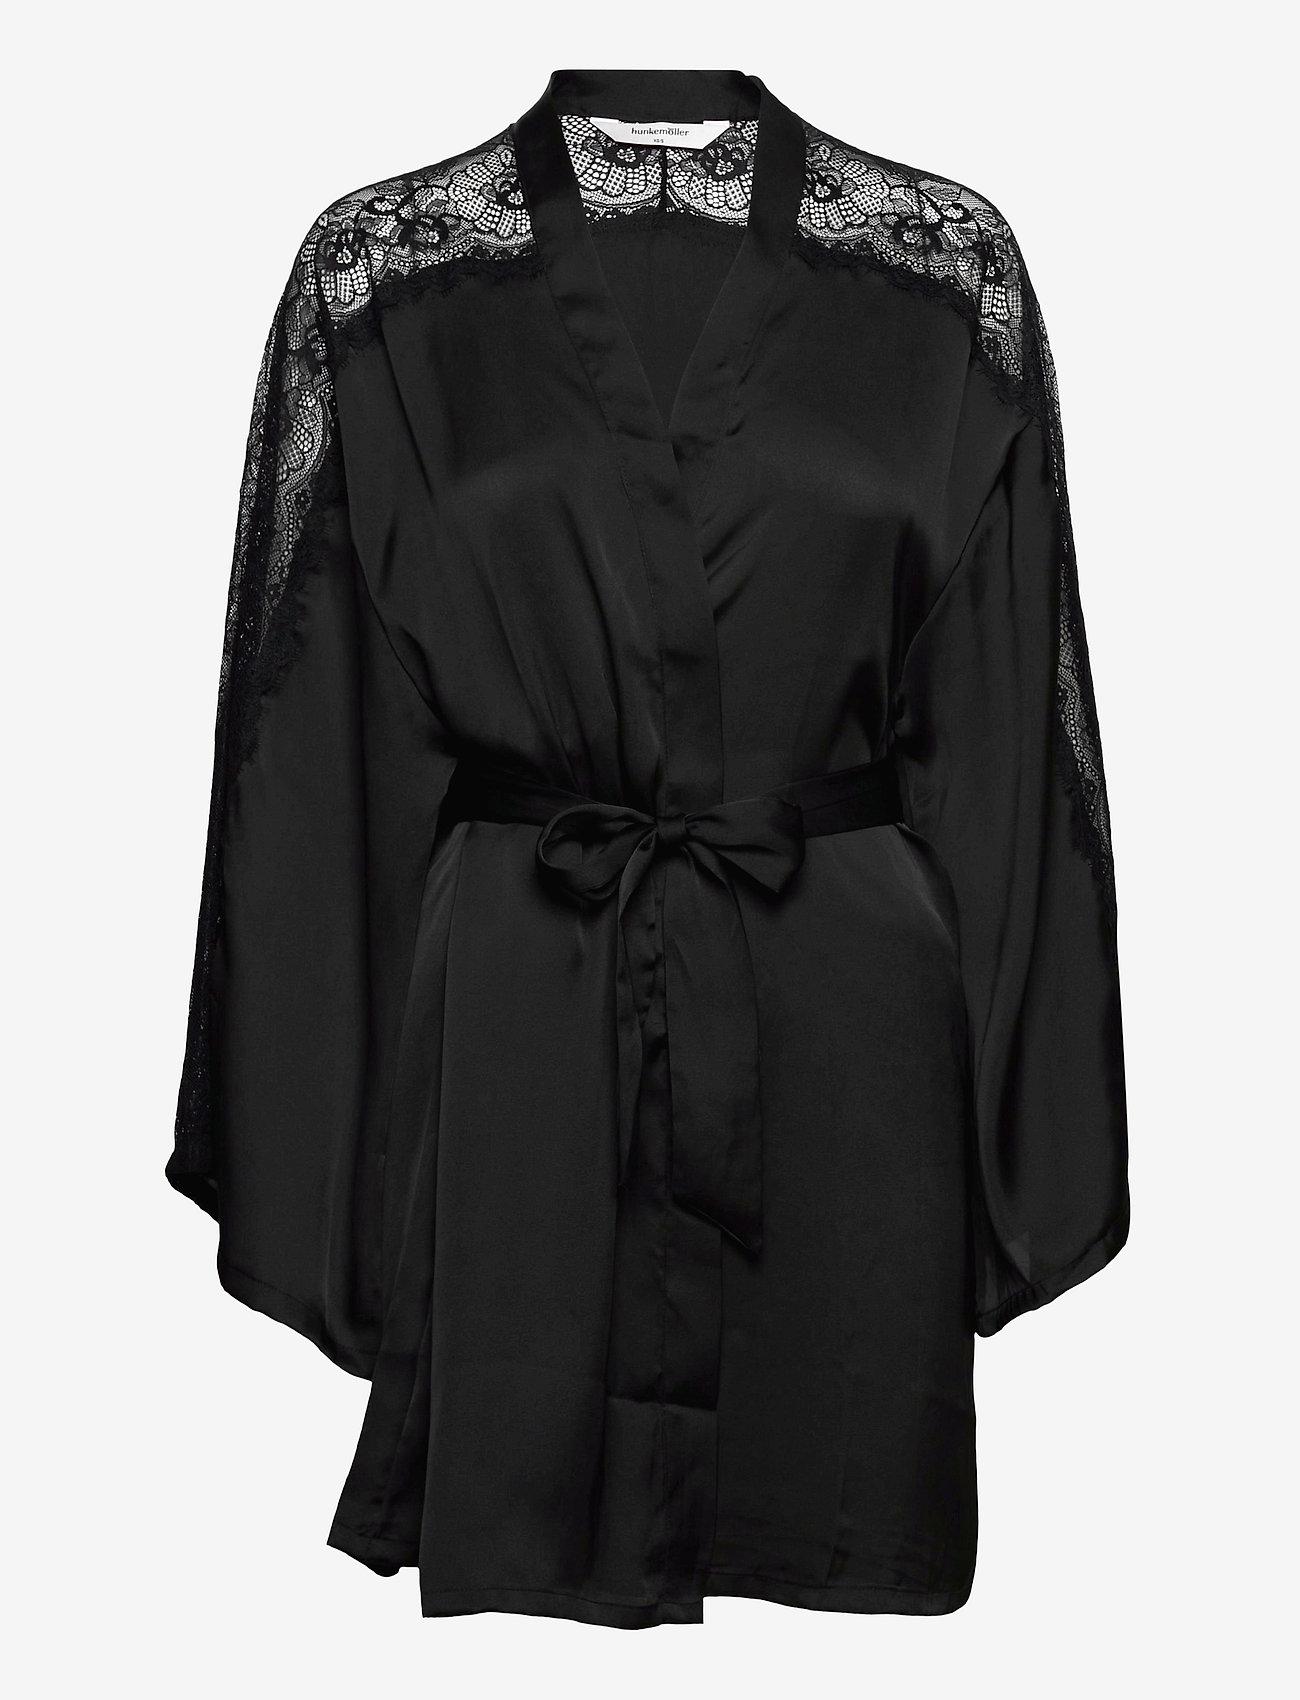 Hunkemöller - Kimono Satin Lace Sleeve Insert - pegnoirs - black - 0